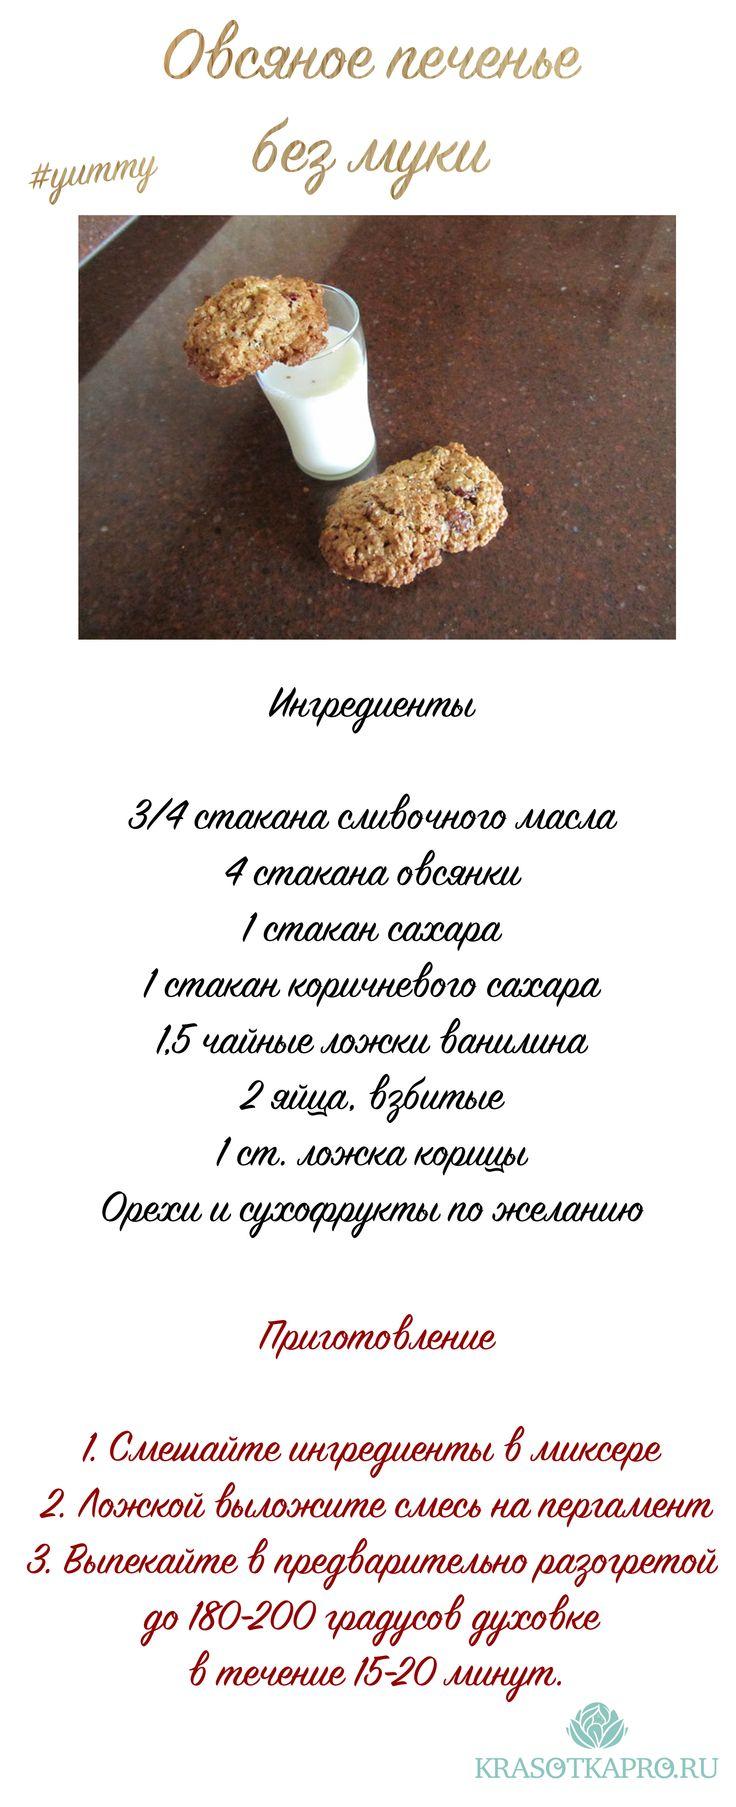 Рецепт вкусного и полезного овсяного печенья без муки! Легко и просто! Healthy diet by KrasotkaPro. #КрасоткаПро #Yummy #Печенье #Рецепты